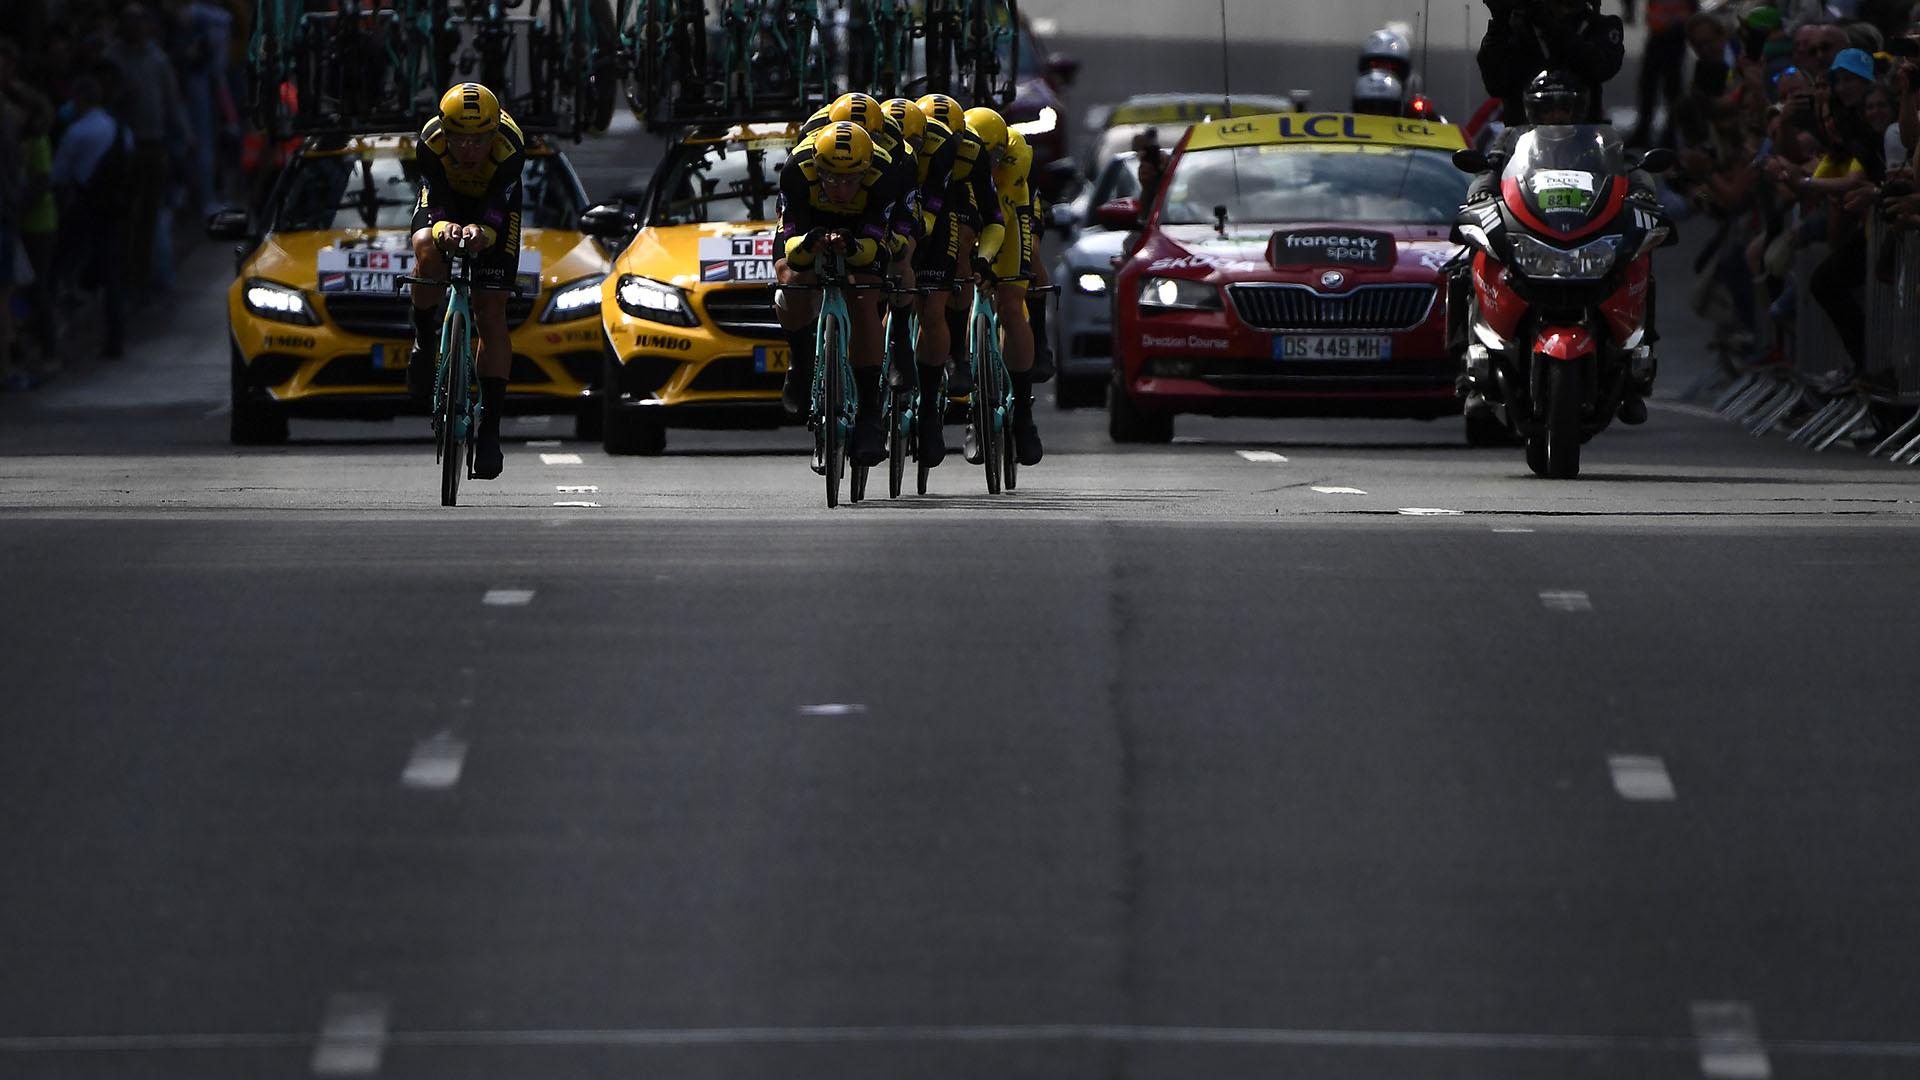 El Ineos, antiguo Sky, nunca ha conseguido ganar una contrarreloj por equipos en el Tour de Francia, aunque siempre ha quedado entre los tres primeros de la etapa (2011, 2013, 2015, 2018)